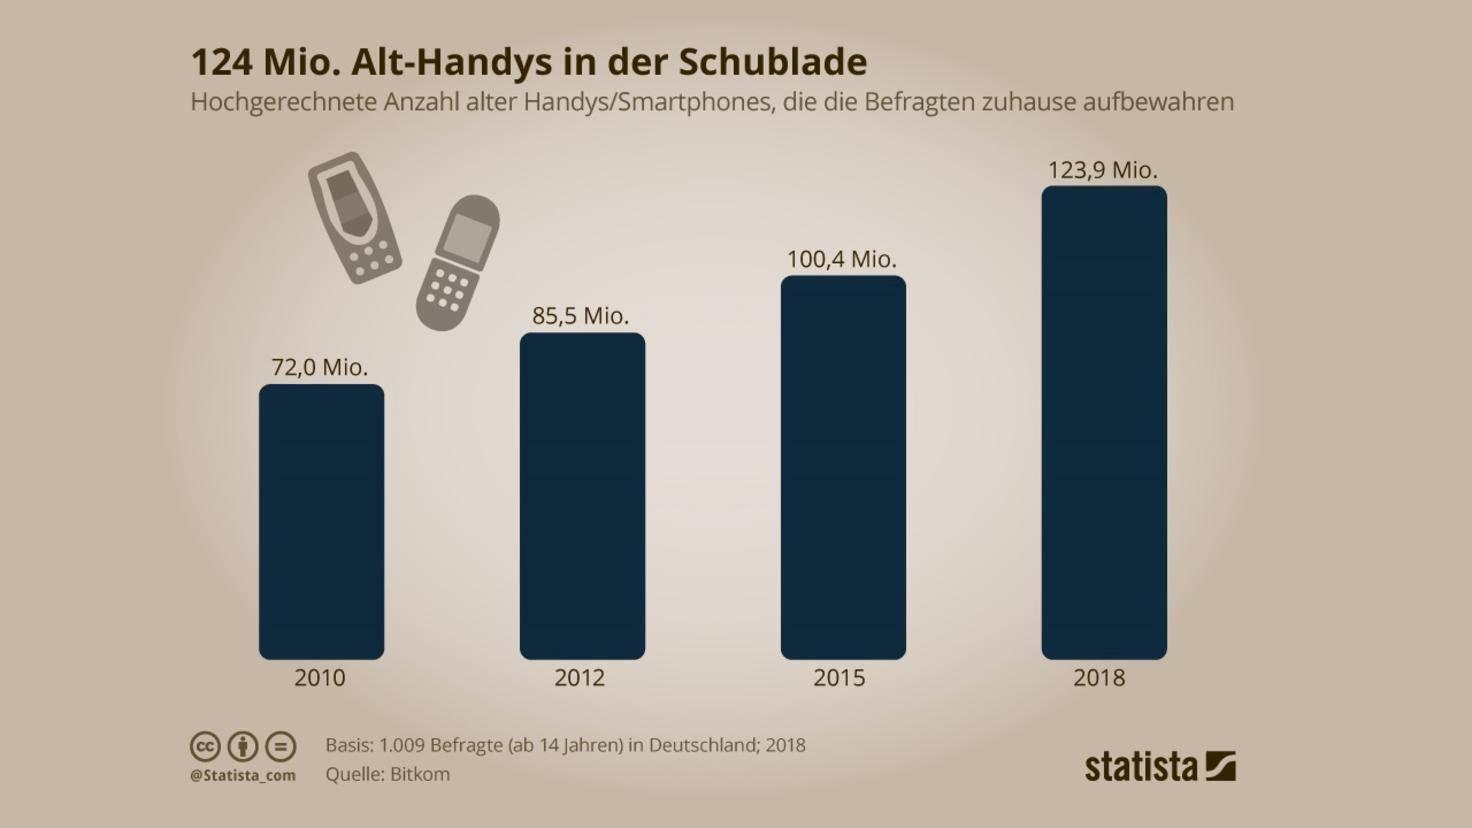 Statistik Anzahl alter Handys in deutschen Haushalten